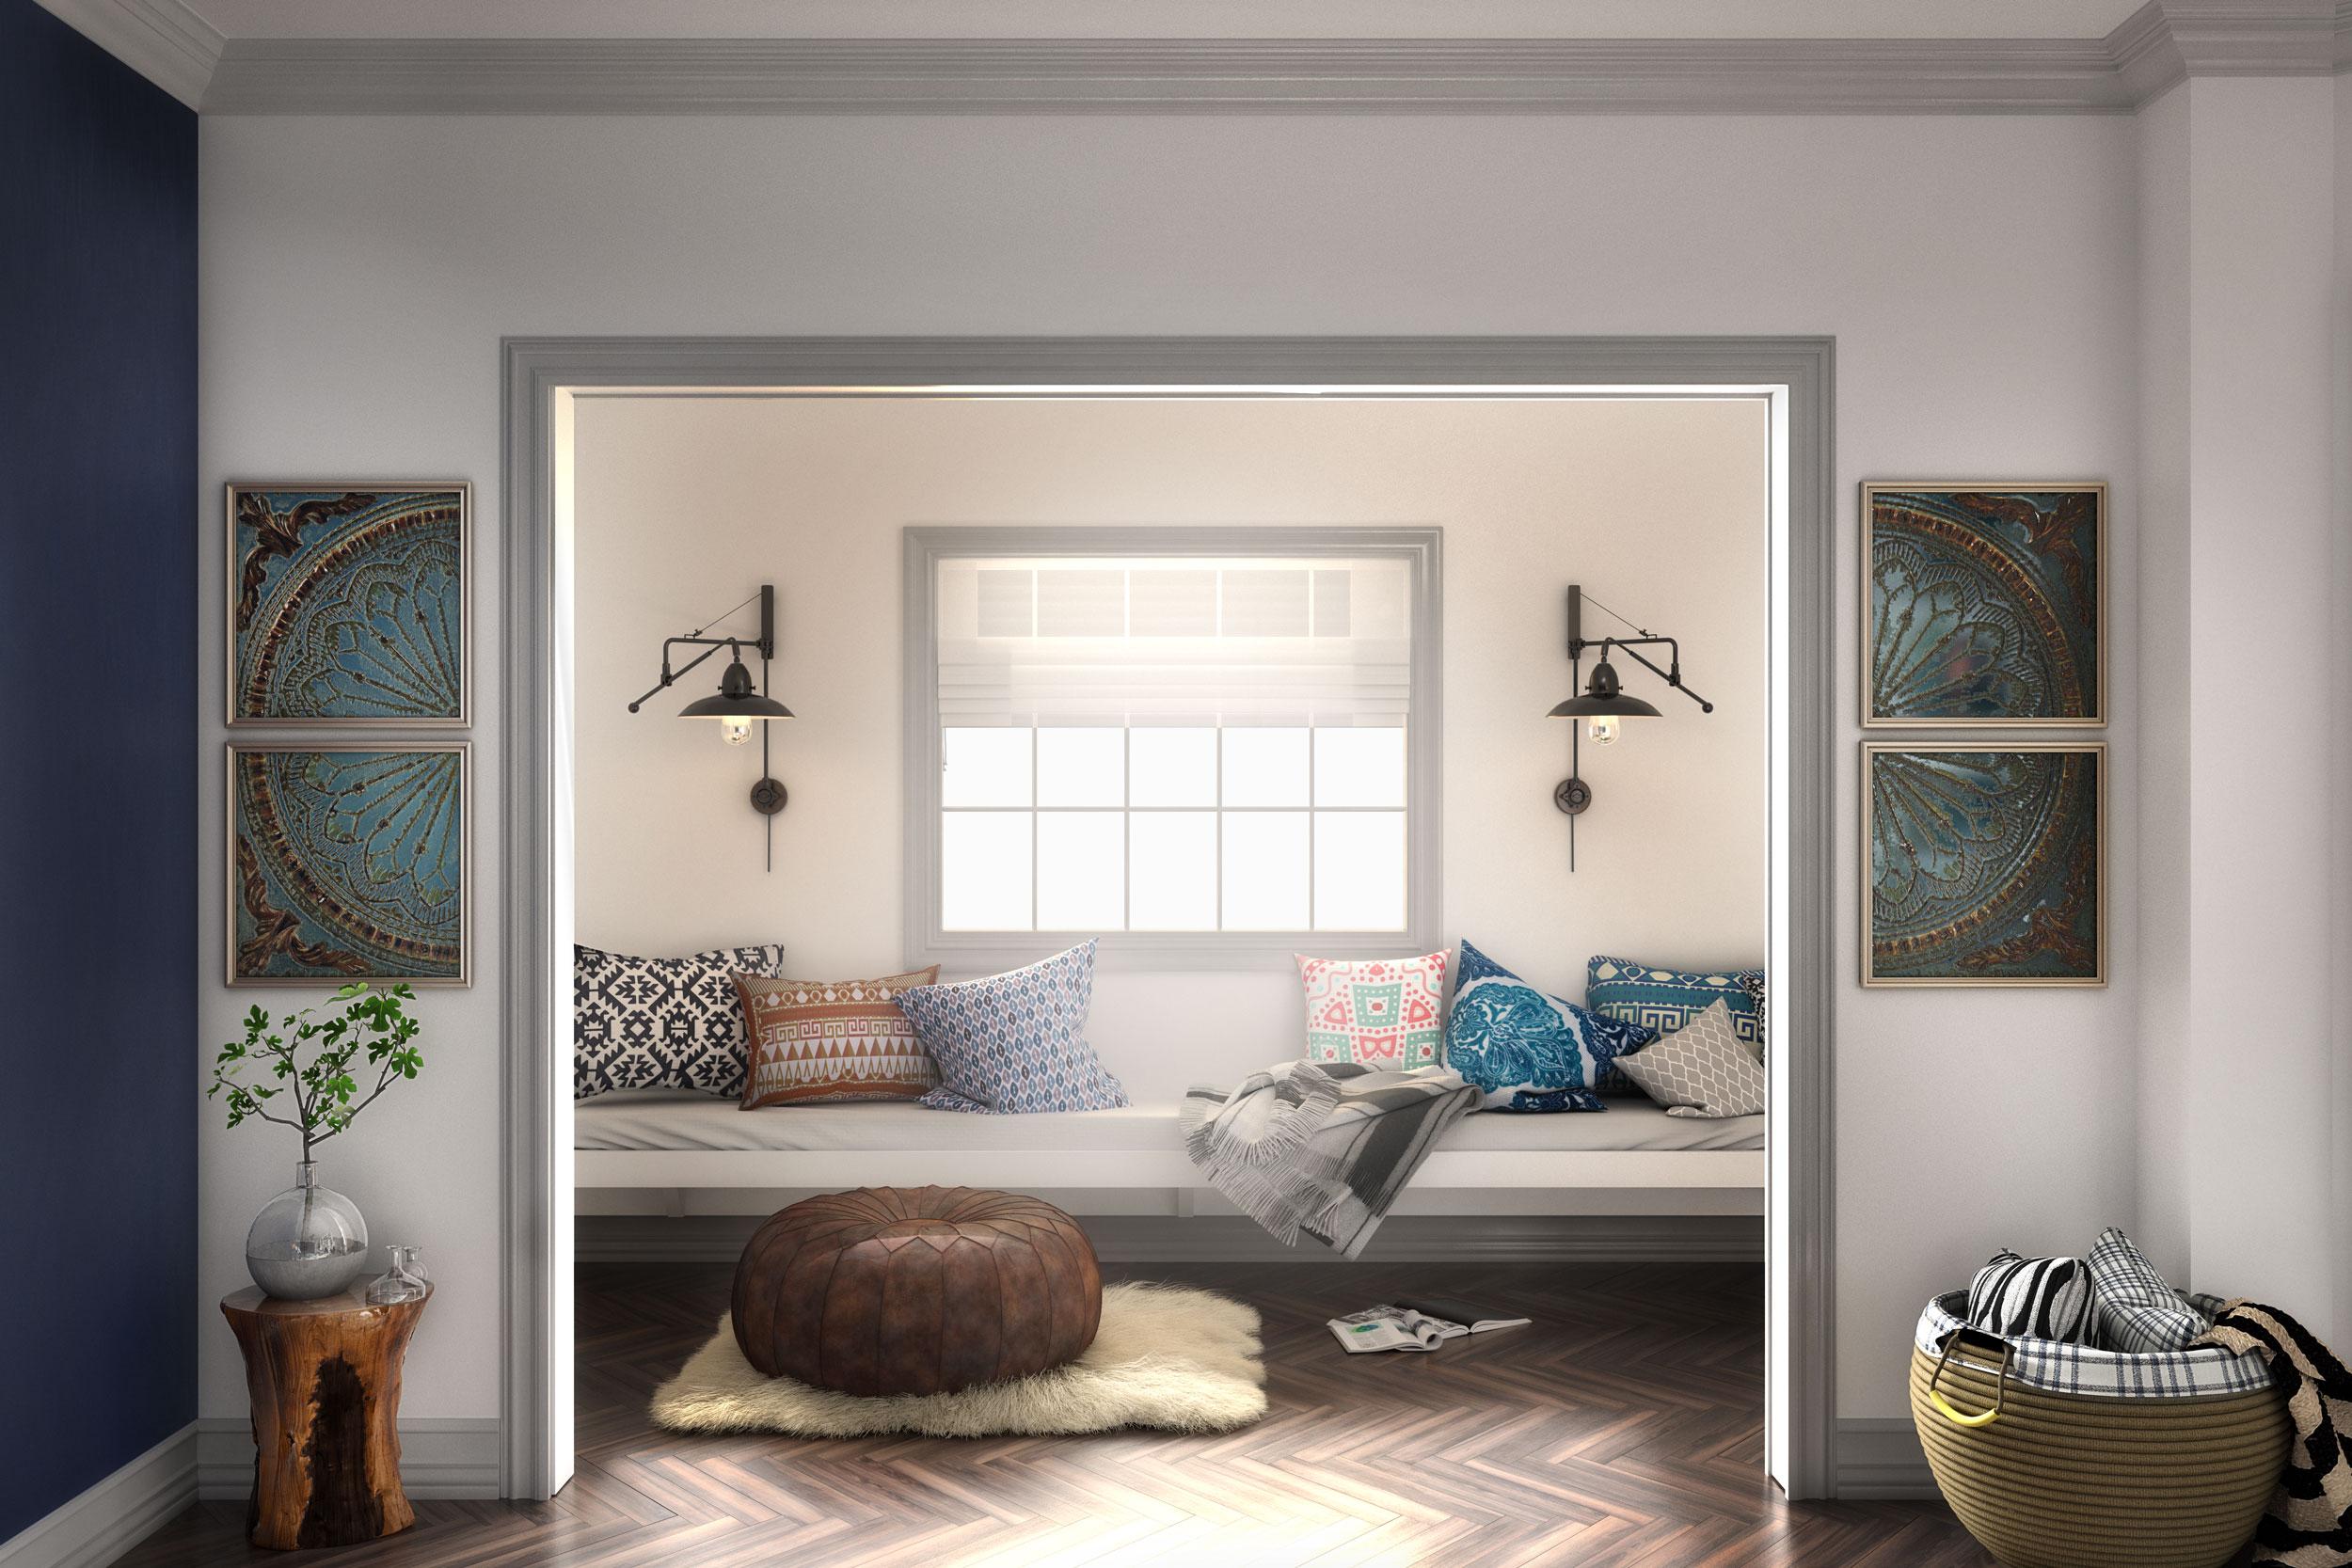 BohemianBedroom_Detail30000.jpg